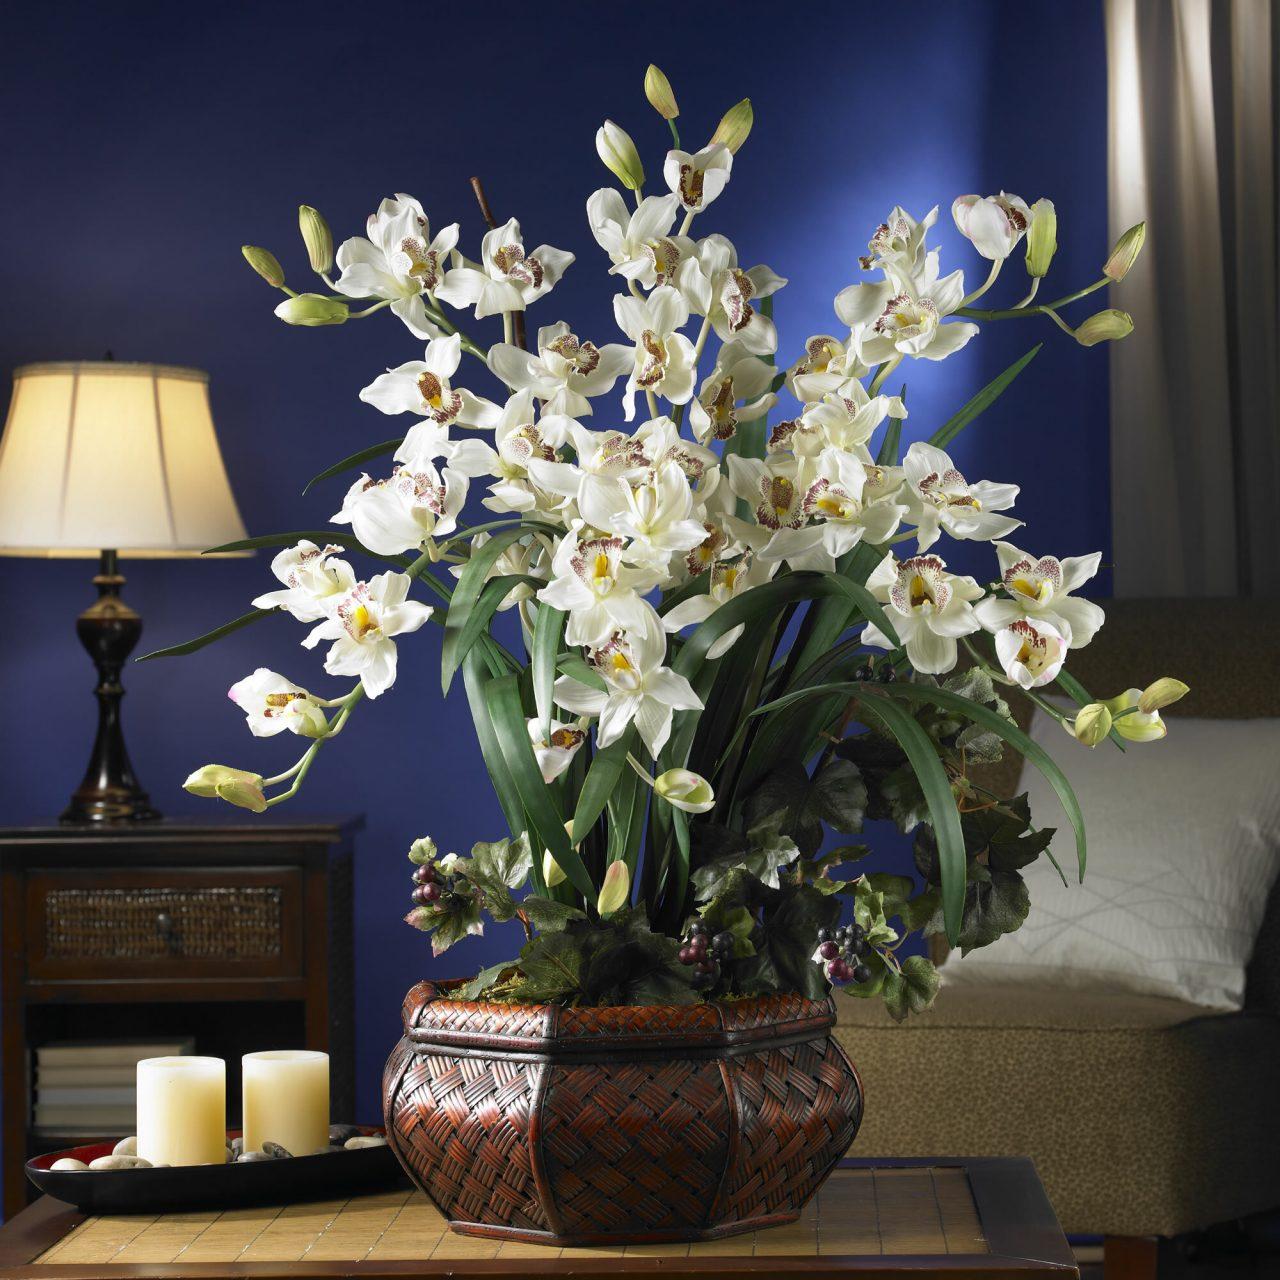 Khách hàng có thể cân nhắc, lựa chọn loại hoa trang trí phù hợp cho mình